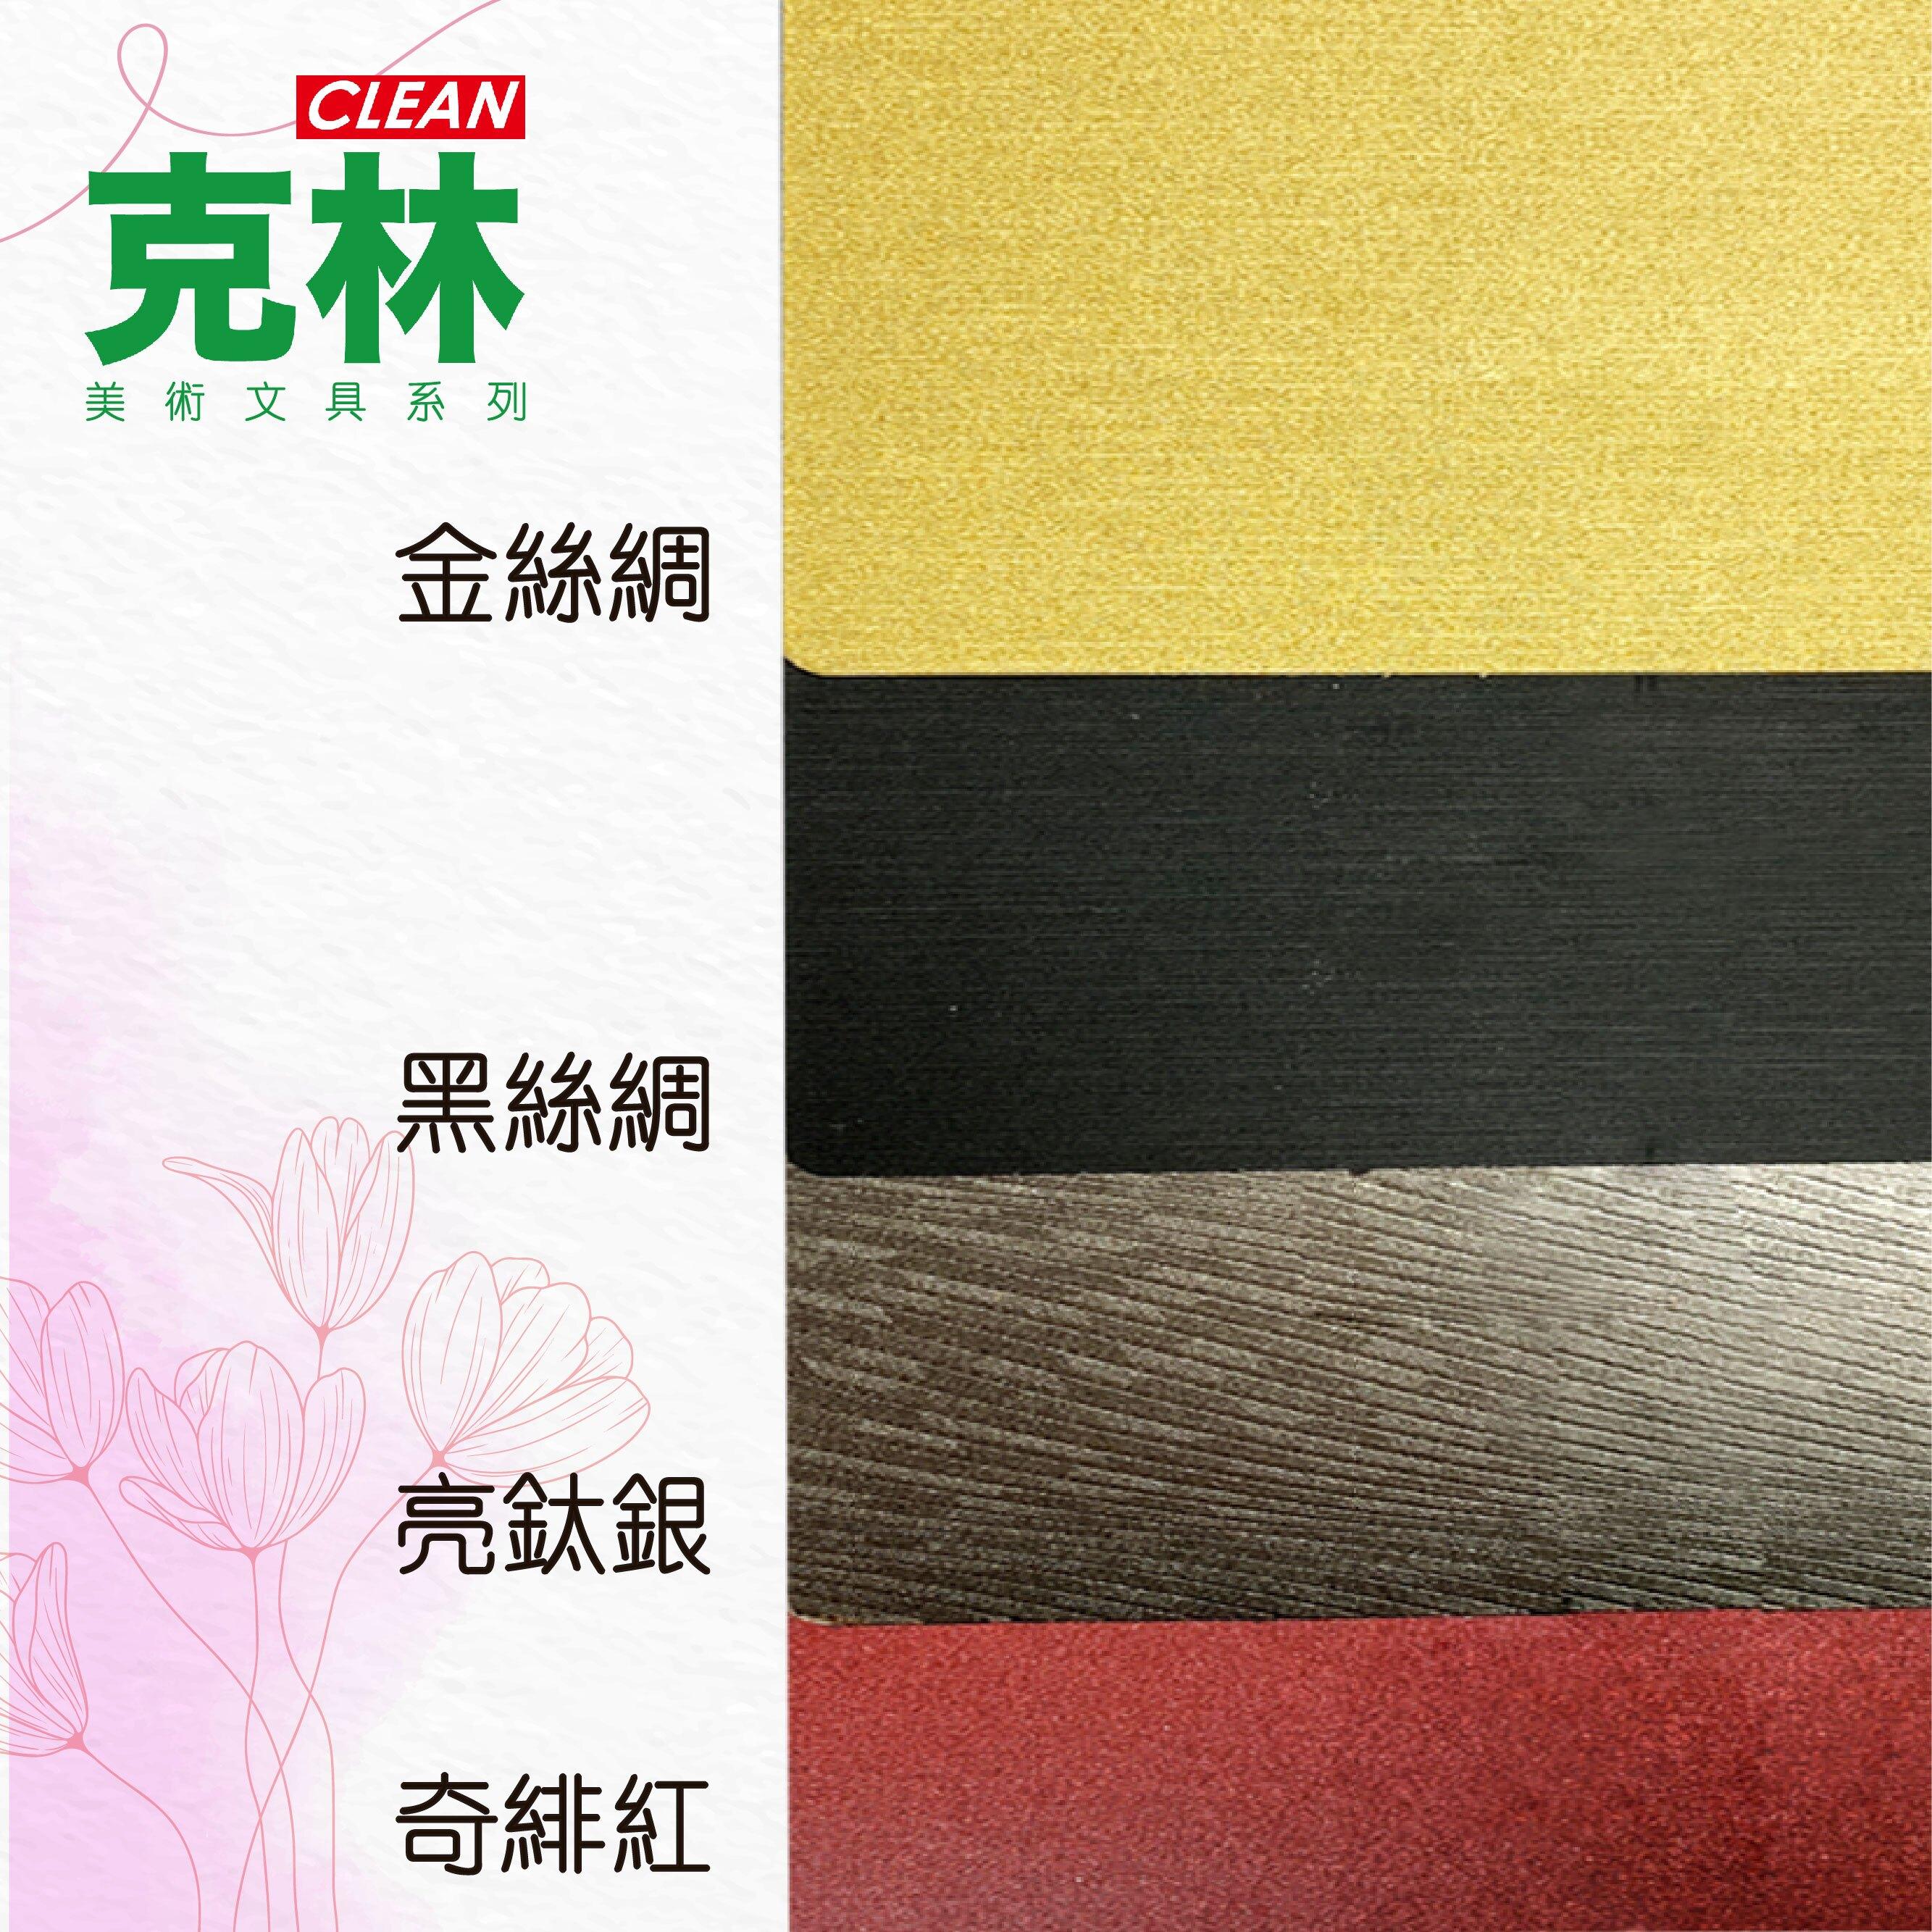 韓國美術紙 翼翔豪華卡350磅(四色可選) A4 size/奢華時尚、手工藝DIY、美勞、美術、藝術、高雅 每包50入